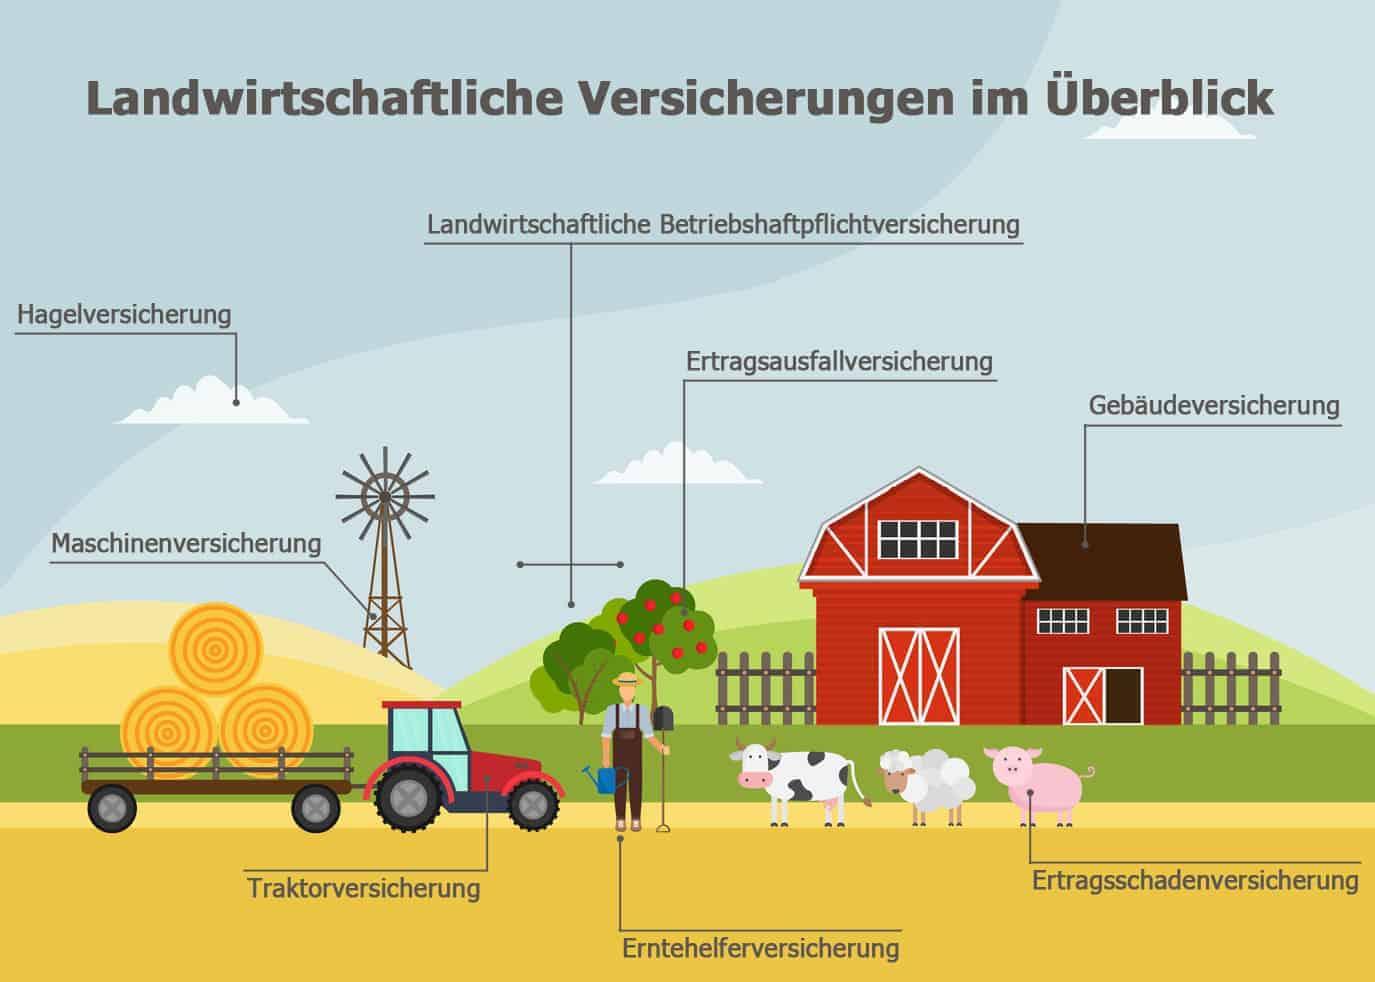 Landwirtschaftliche Versicherungen